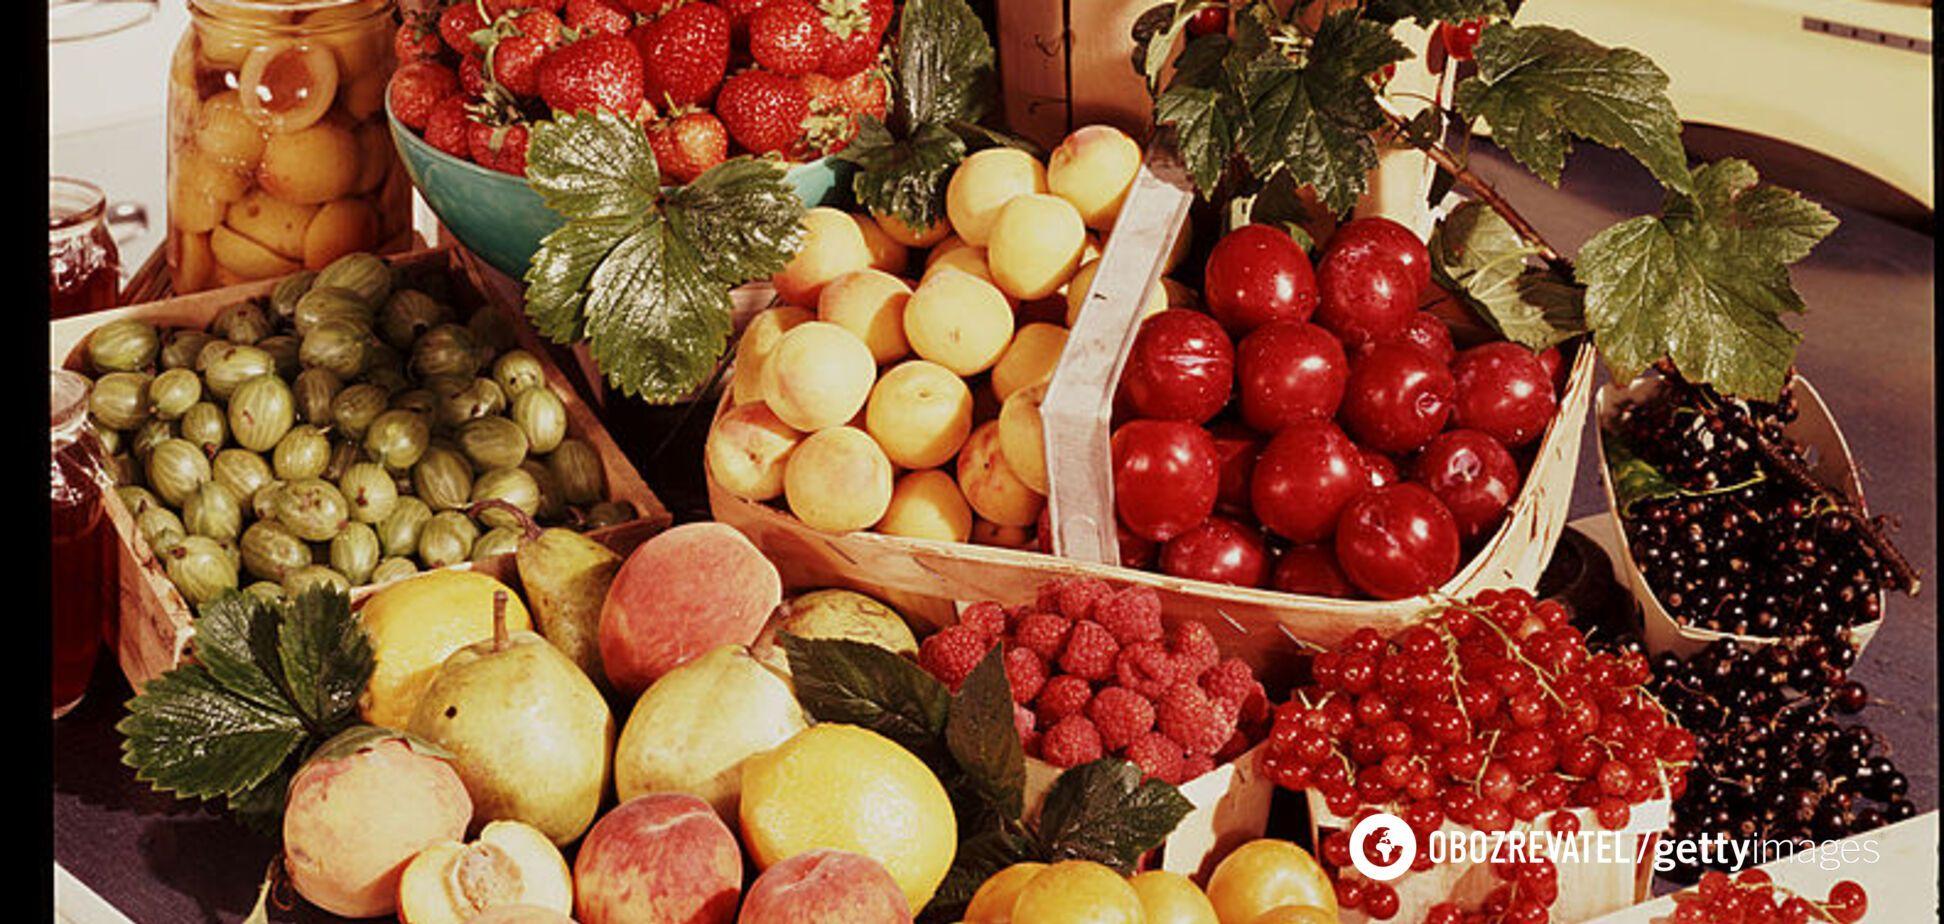 Список продуктів, які допомагають боротися з пандемією